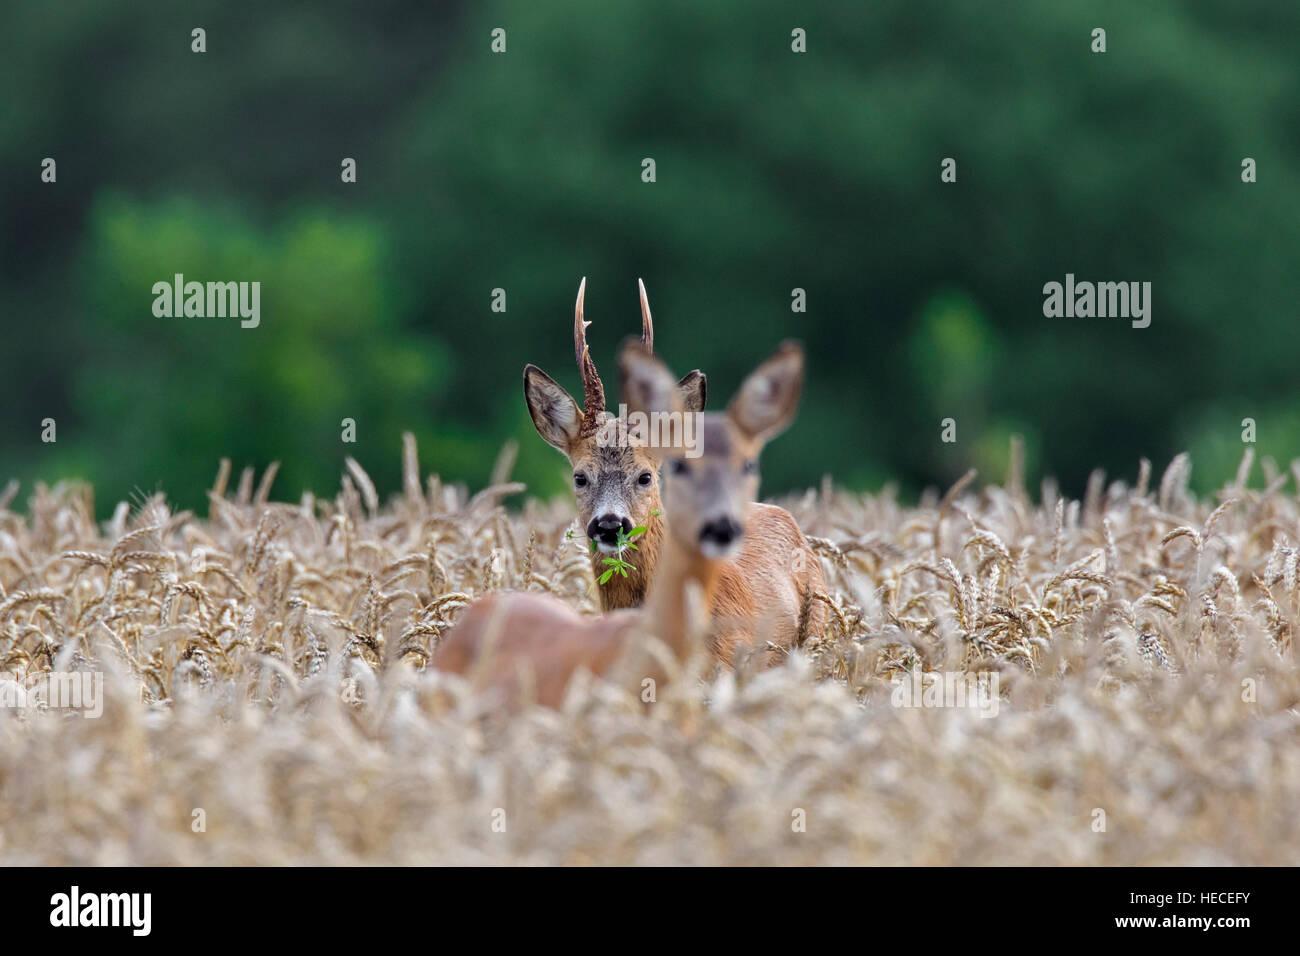 Unión corzo (Capreolus capreolus) buck persiguiendo doe en campo de trigo durante la rutina en verano Imagen De Stock